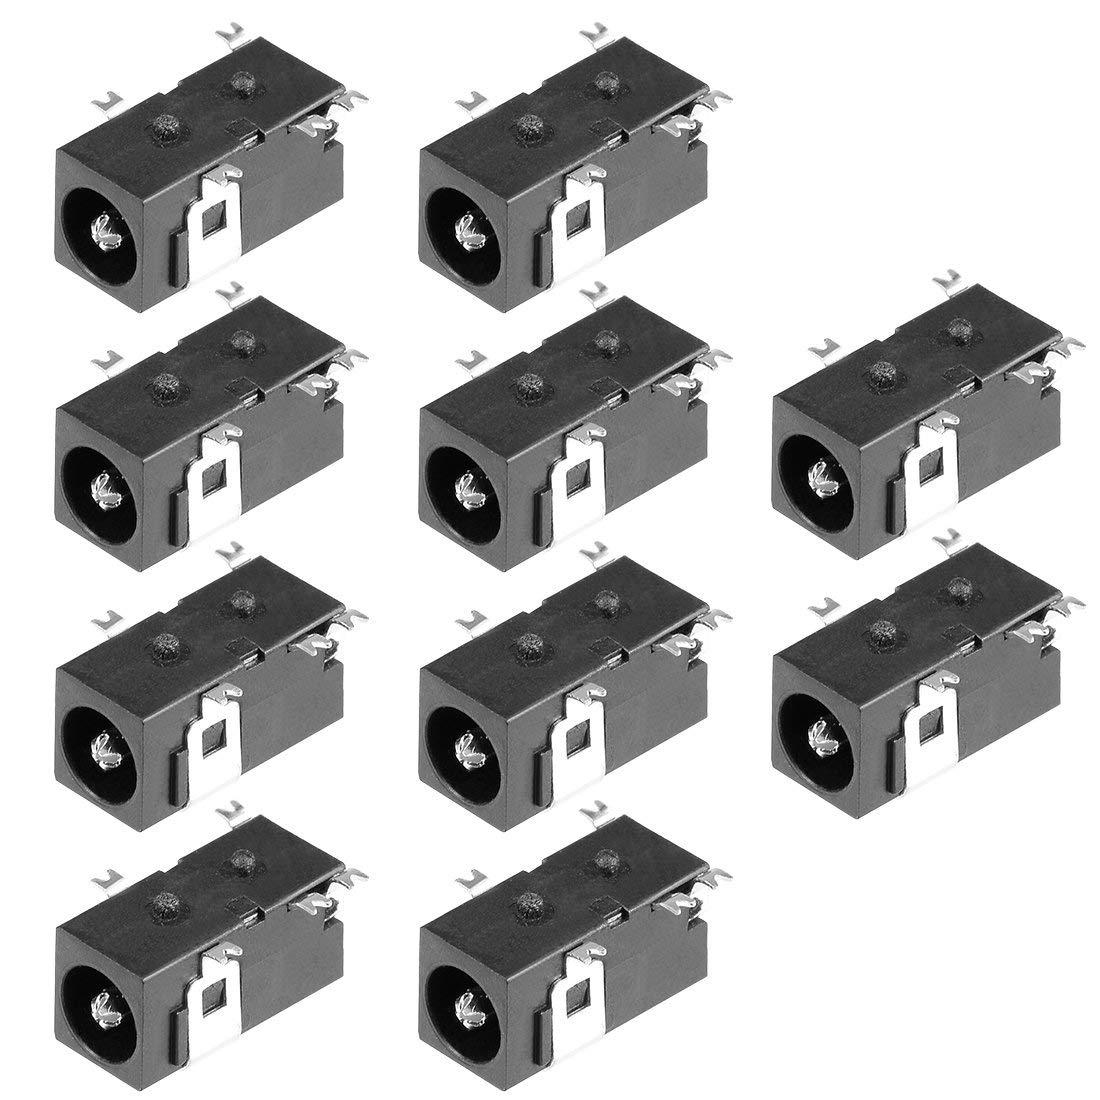 eDealMax 10個PCBマウントDC098 5ピンオーディオビデオDC電源コネクタソケットブラック   B07T232Y89